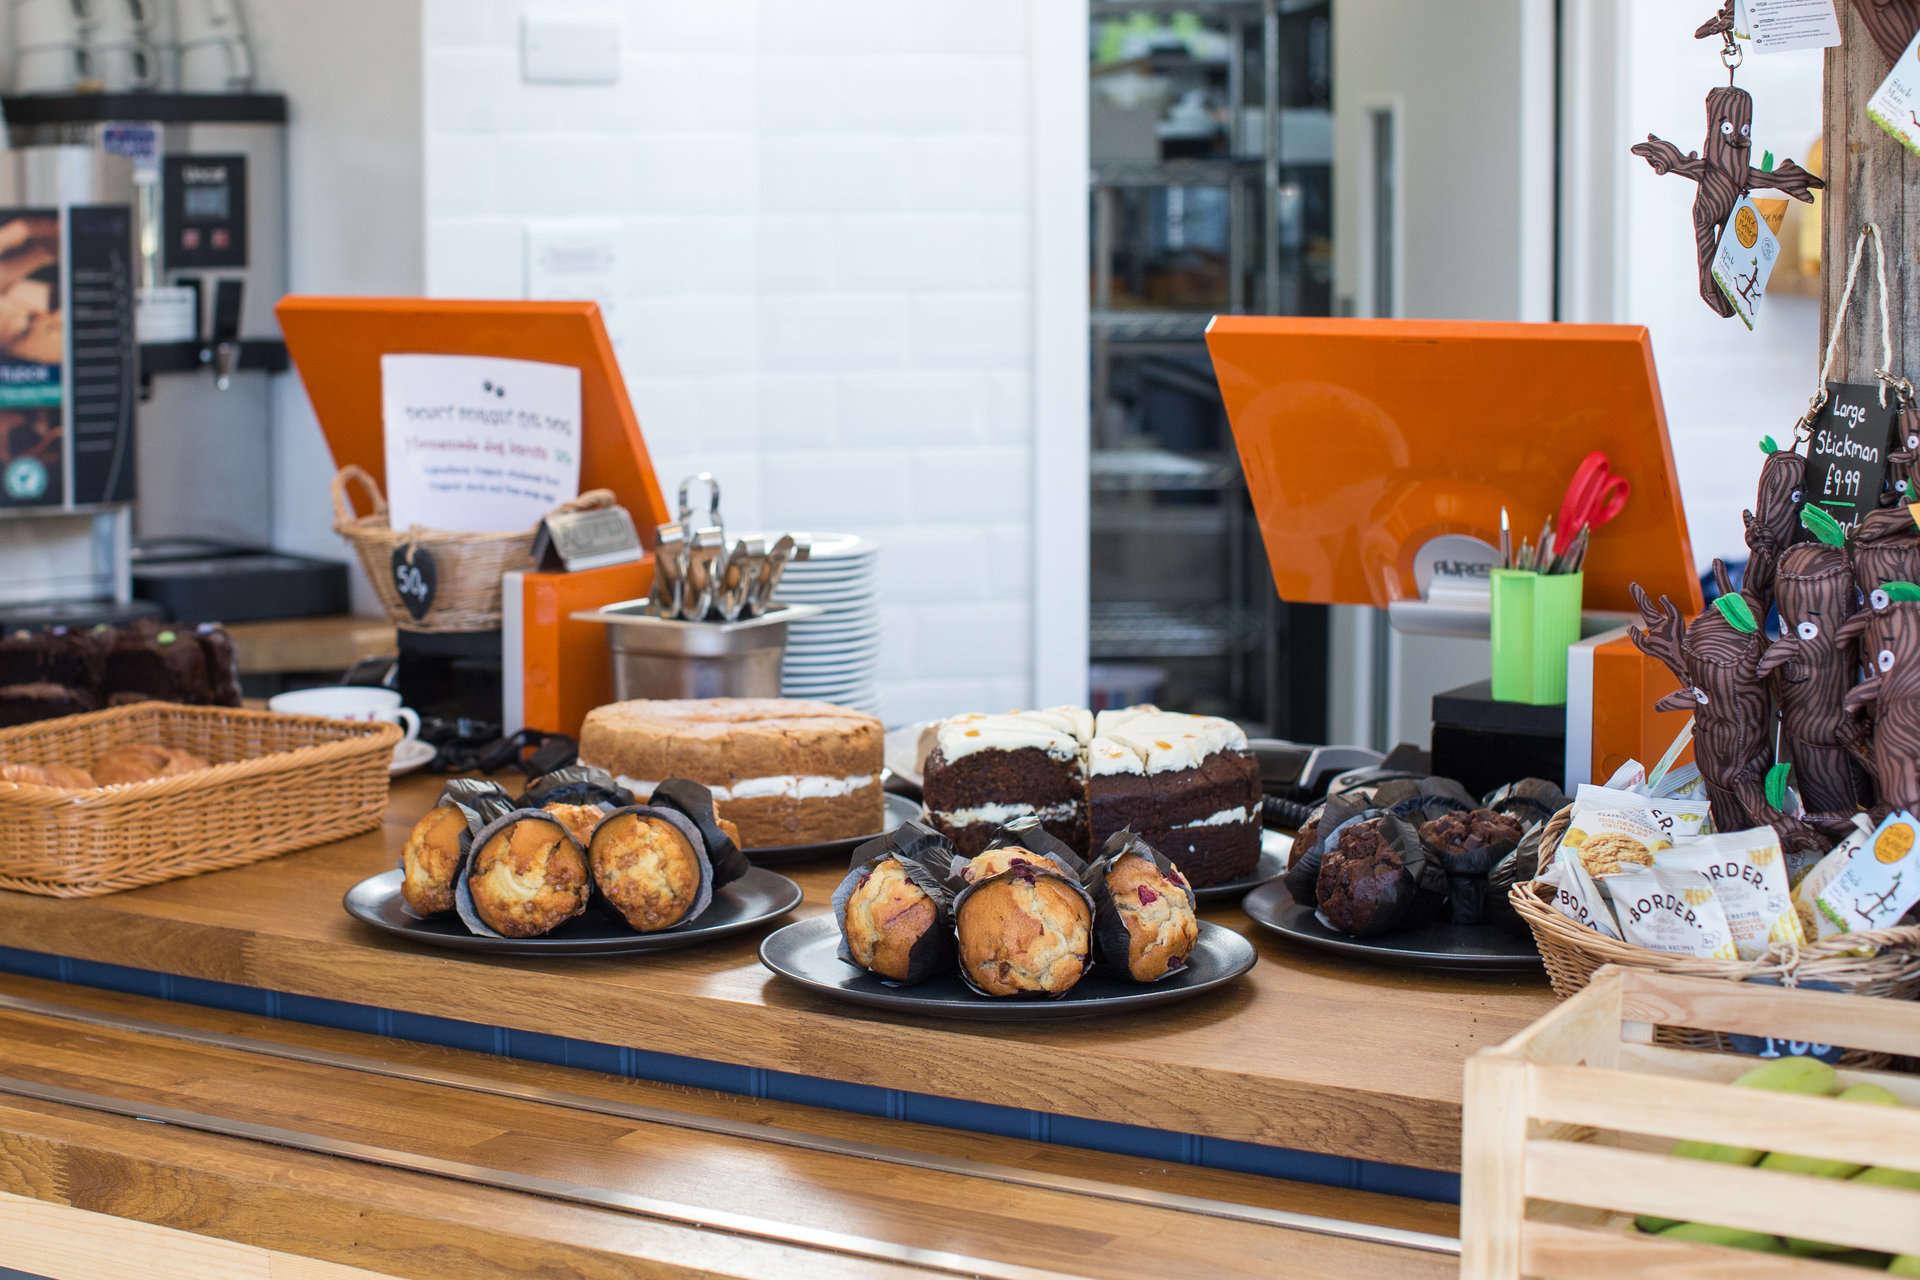 Tills at Beechenhurst Cafe